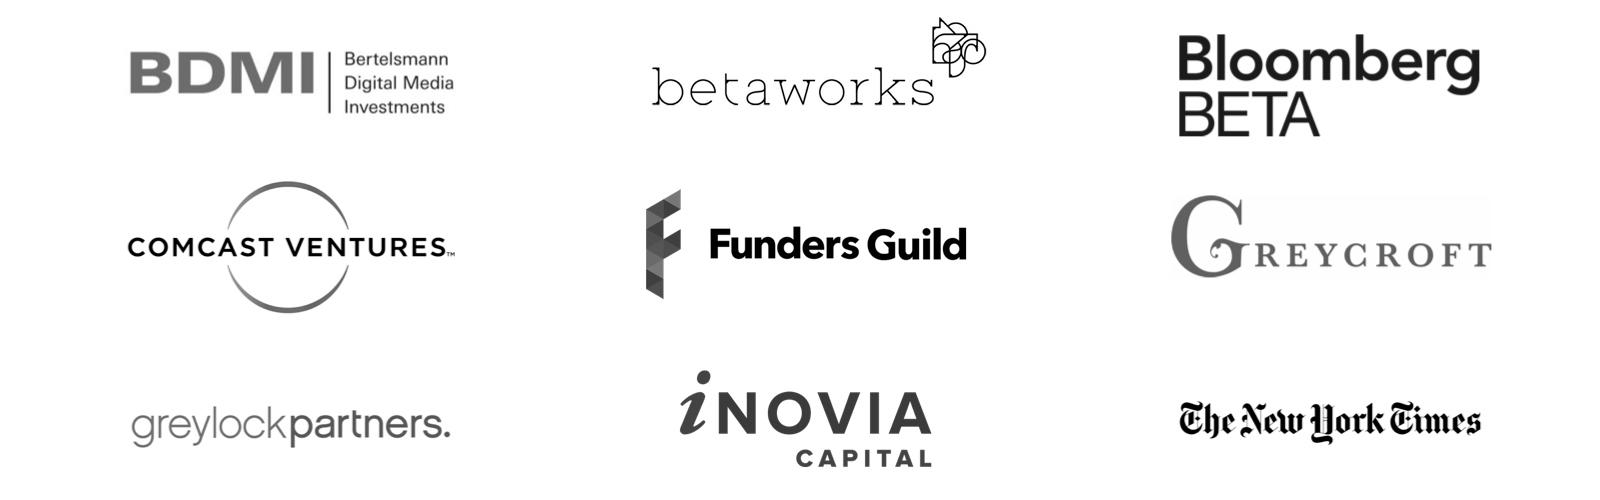 NEXT-BIG-IDEA-Club-Investors-800-bw